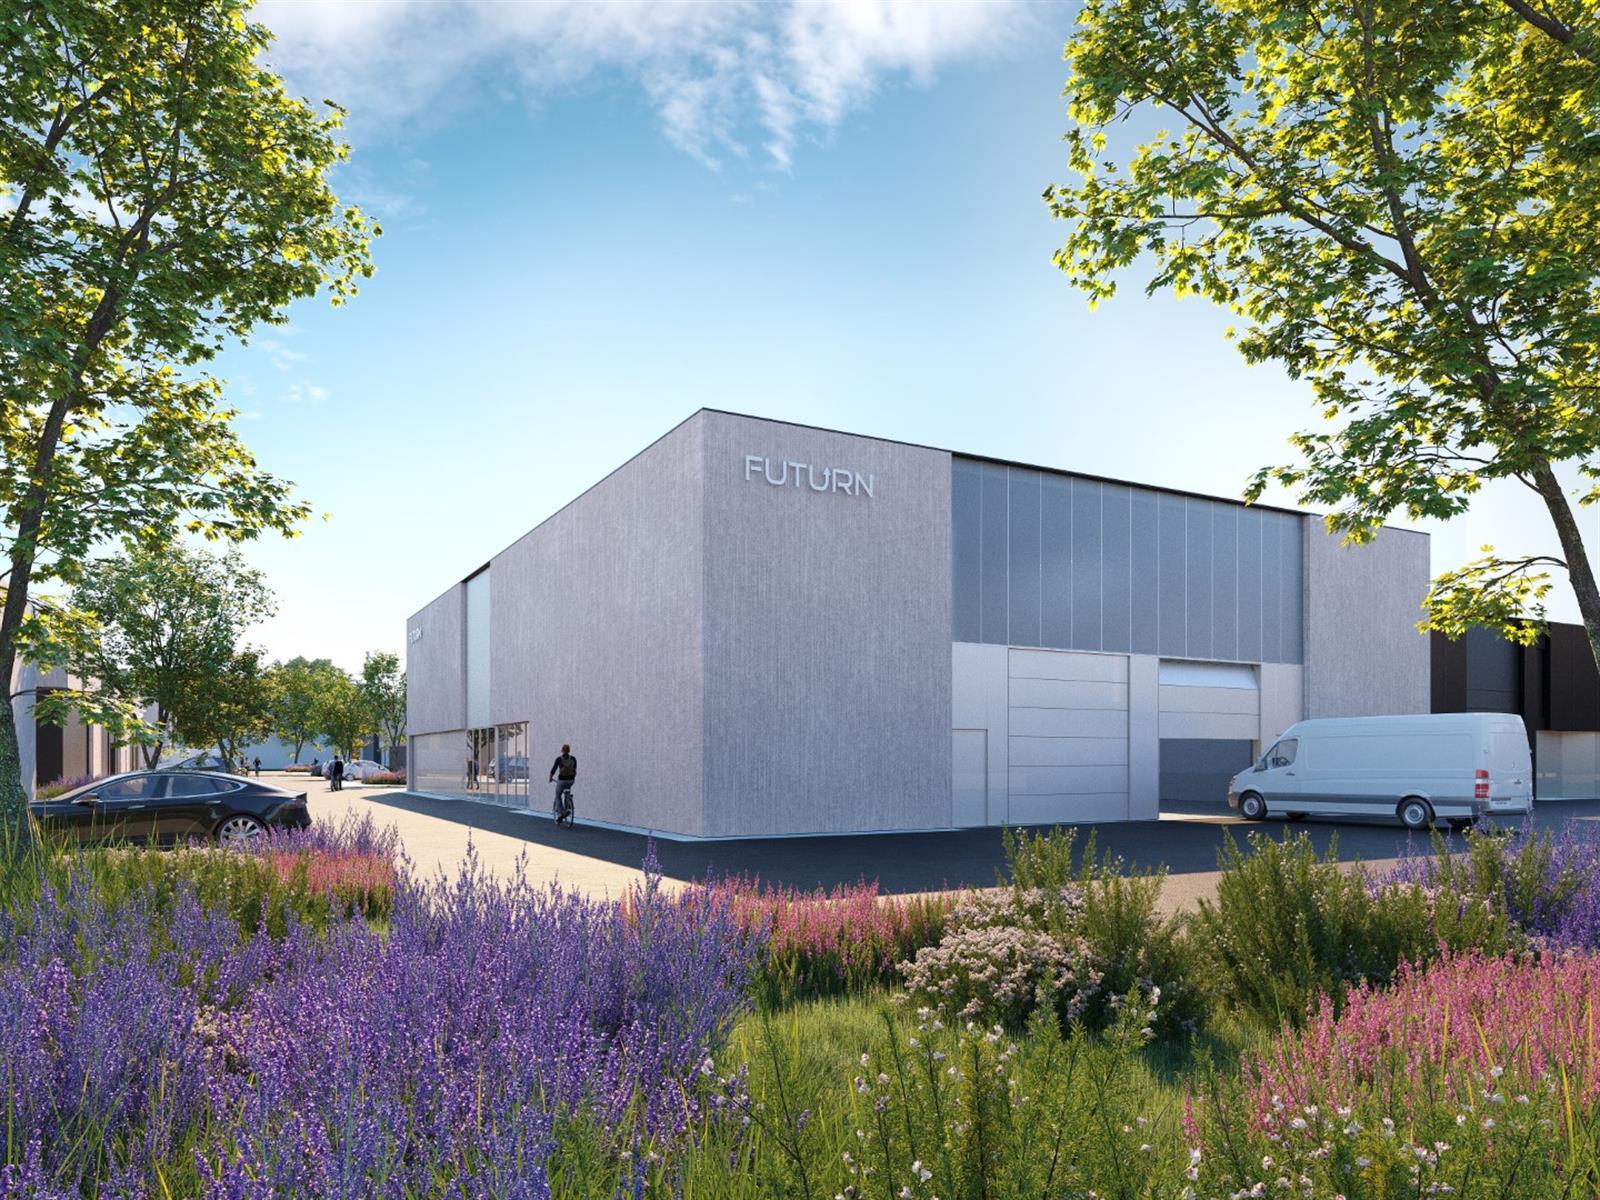 KMO-unit te koop Heros Businesspark KMO Unit 6 - Herkenrodesingel 10, 3500 Hasselt, België 10